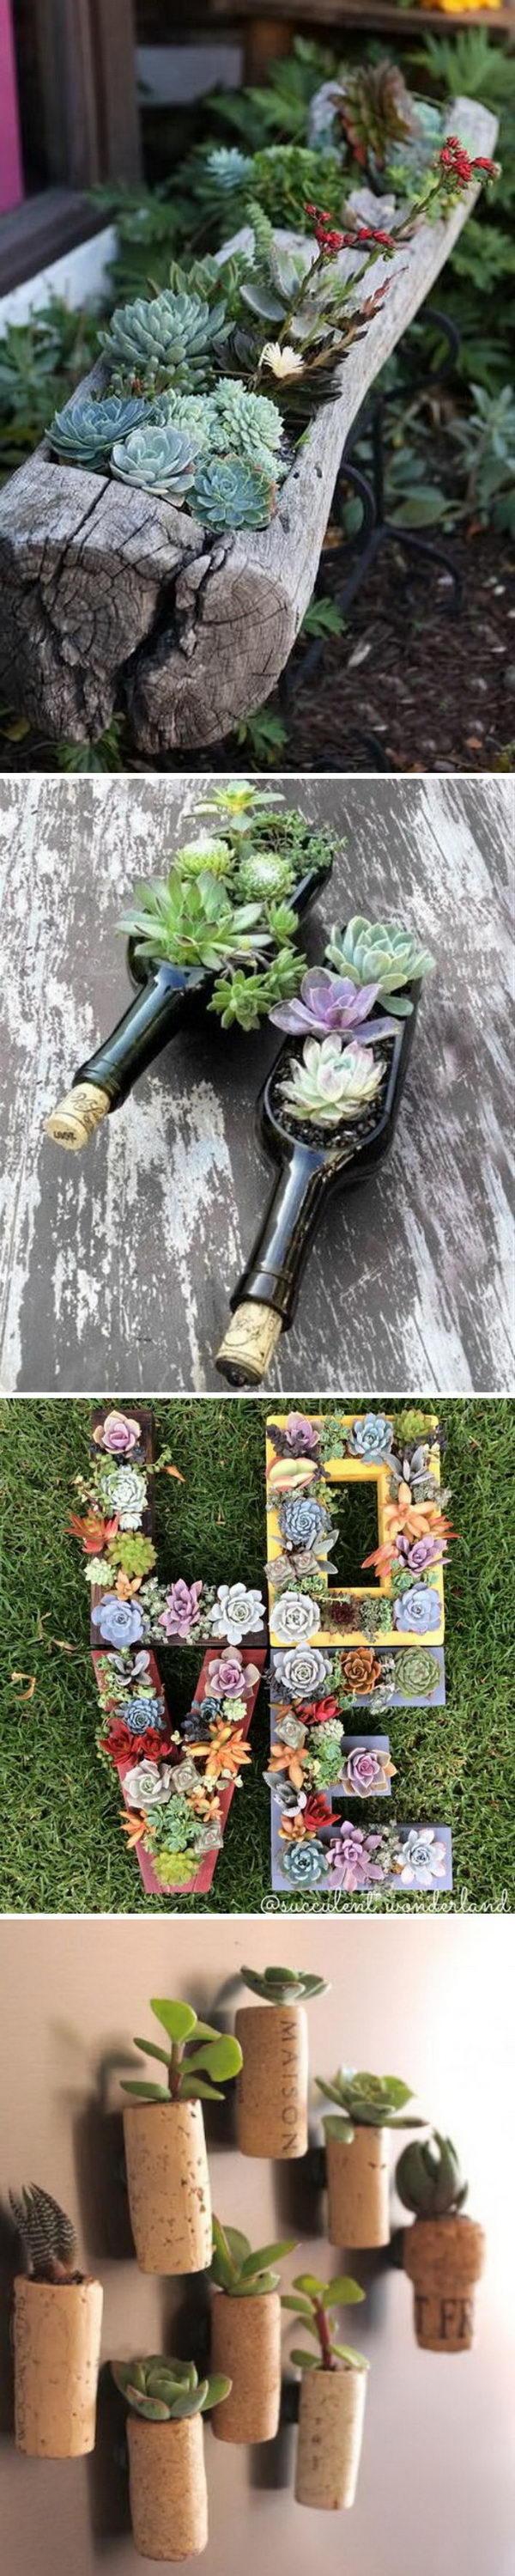 Indoor Succulent Garden Ideas Part - 26: Creative Indoor And Outdoor Succulent Garden Ideas.